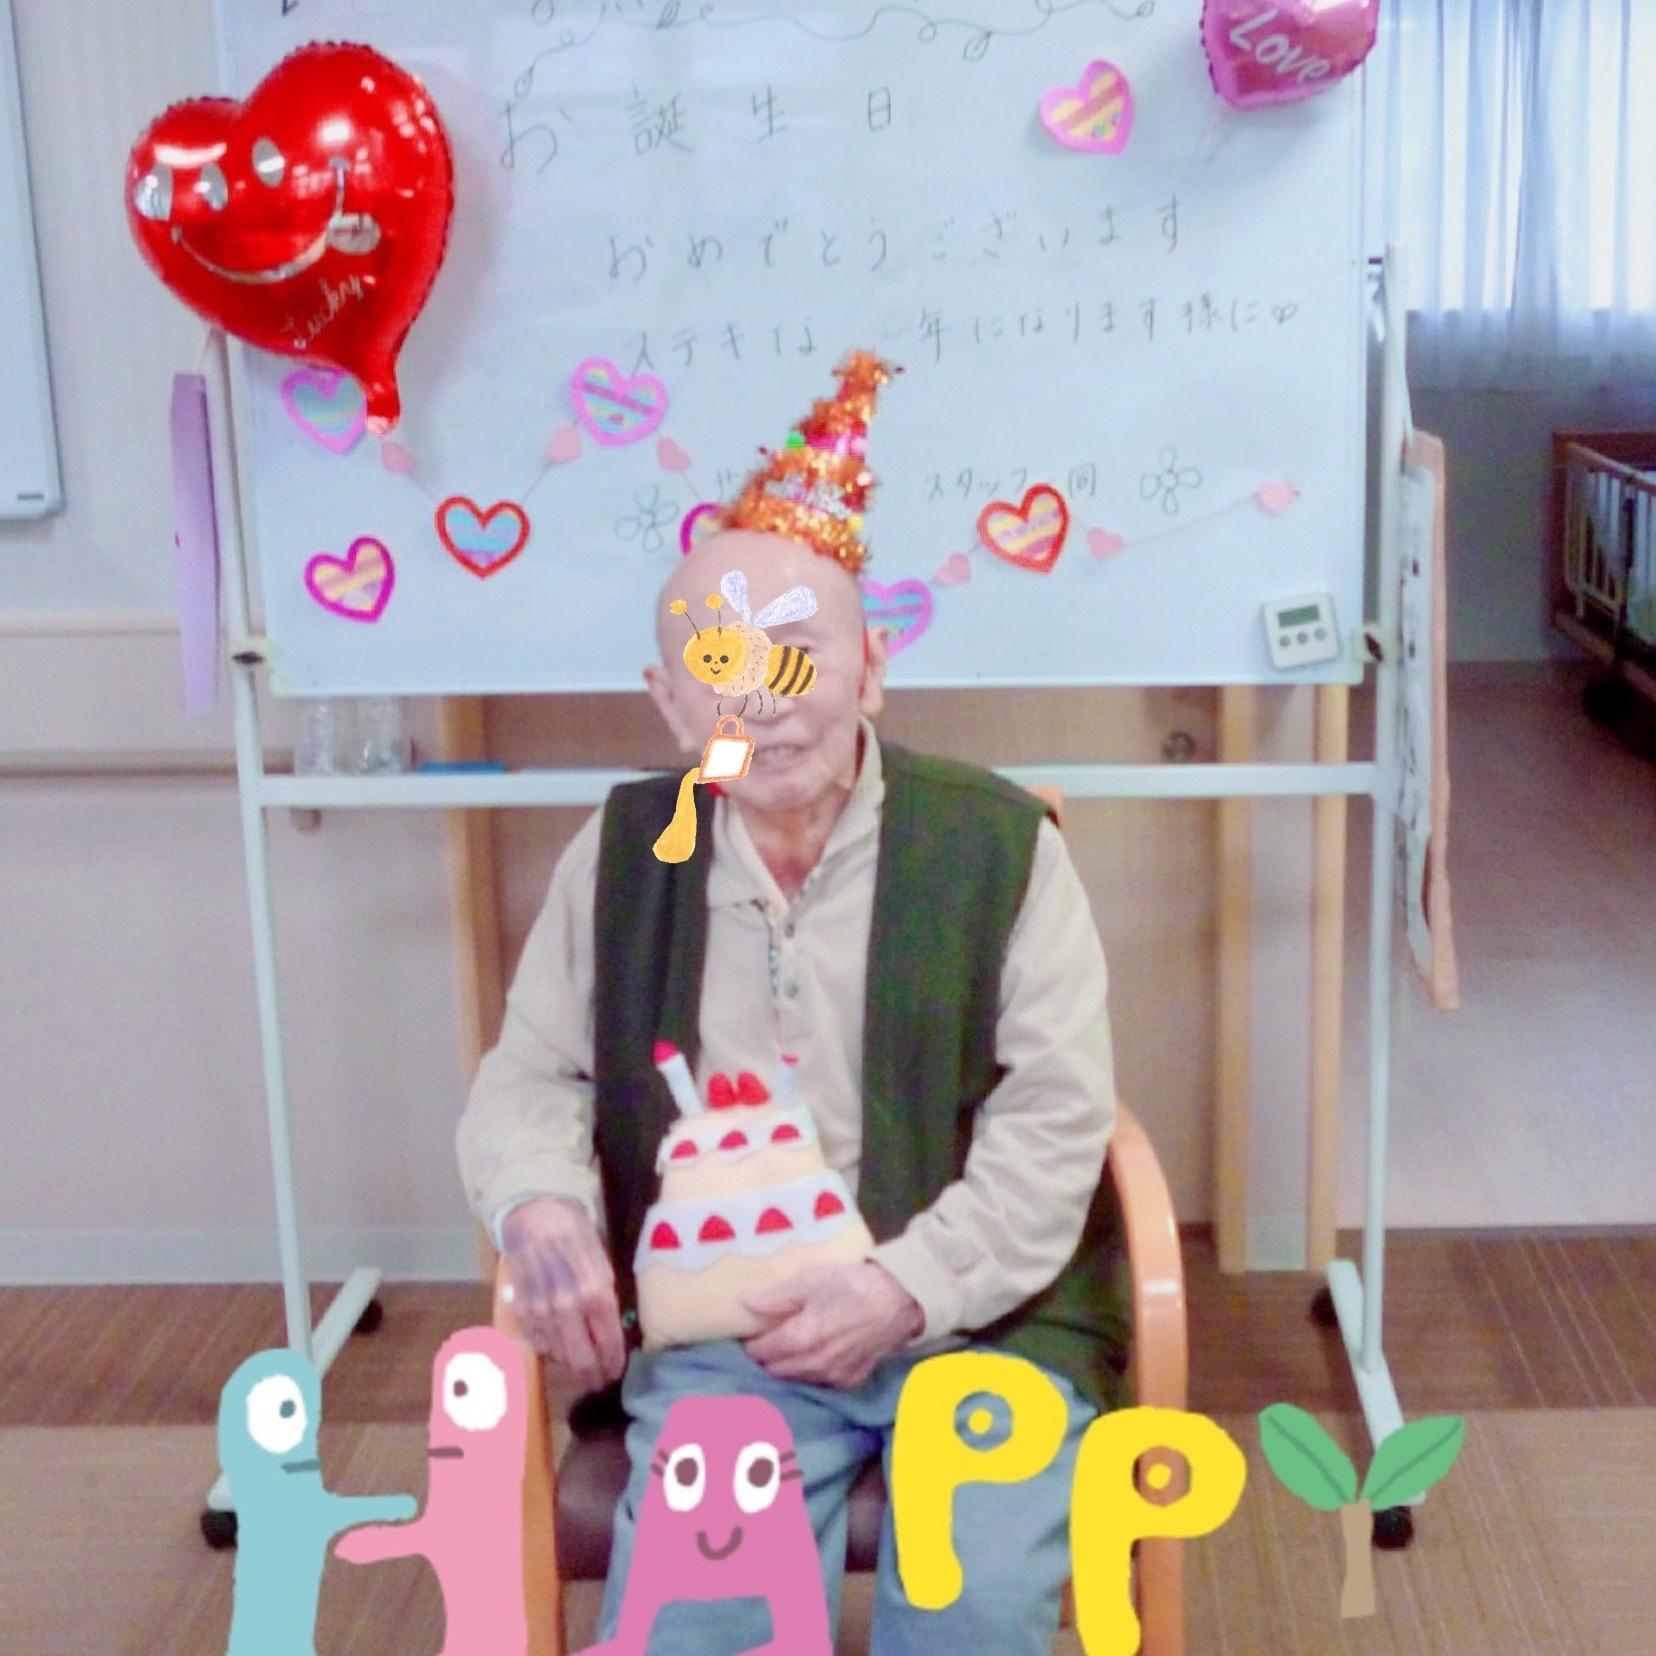 令和3年熊谷様誕生日②